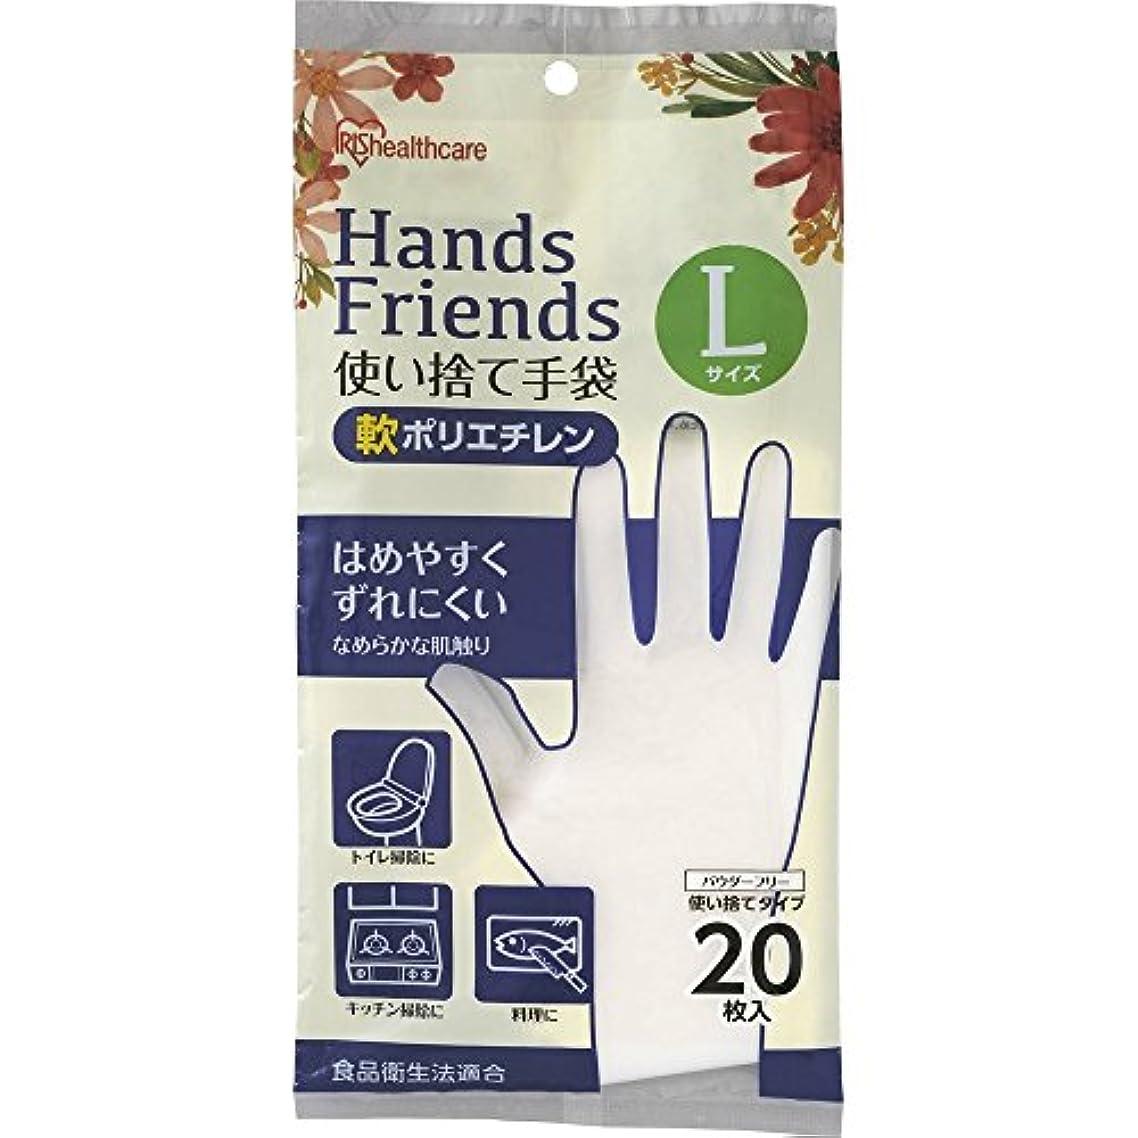 比類なき重大泣く使い捨て手袋 軟ポリエチレン手袋 Lサイズ 粉なし パウダーフリー クリア 20枚入